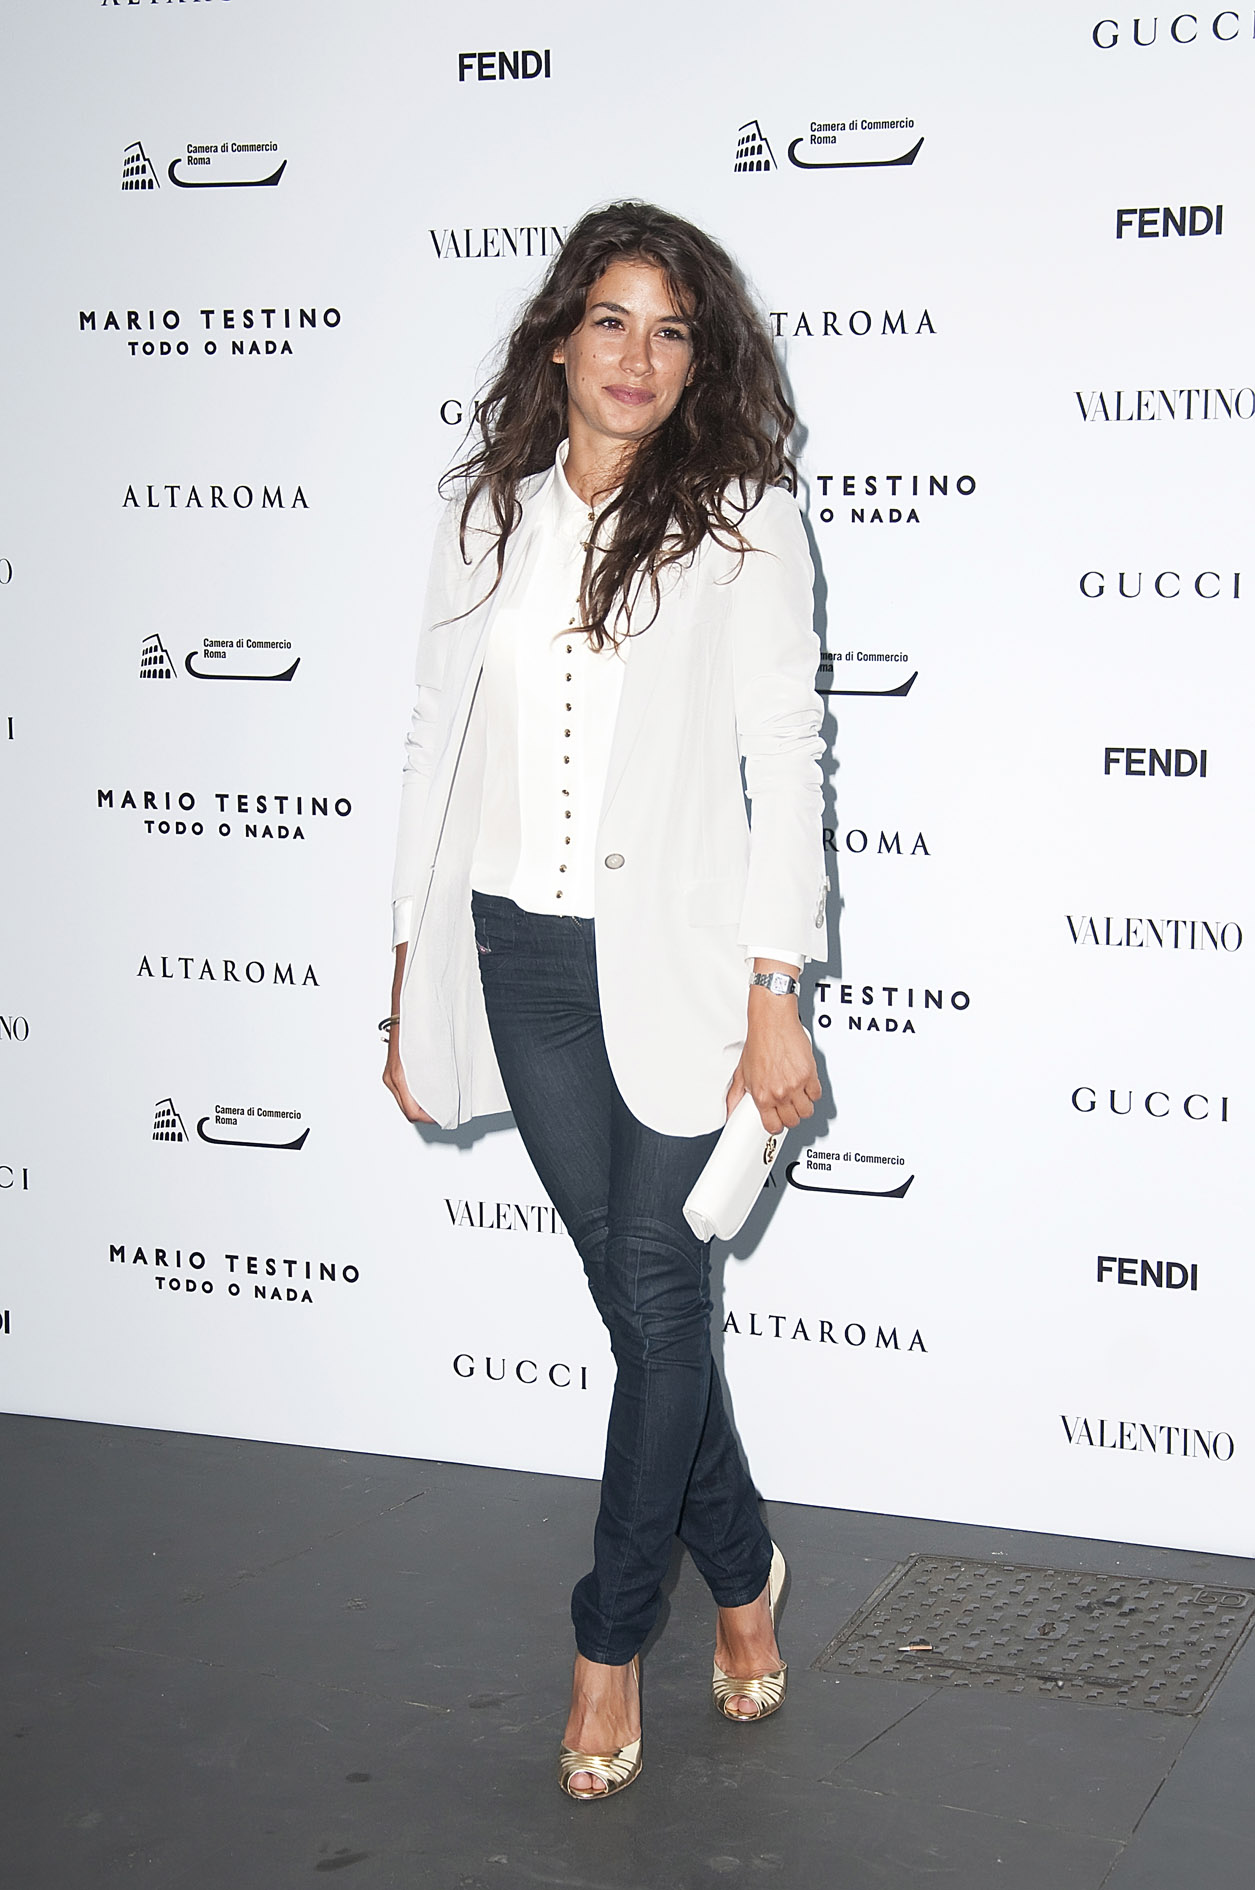 Giulia Michelini - Gallery Photo Colection